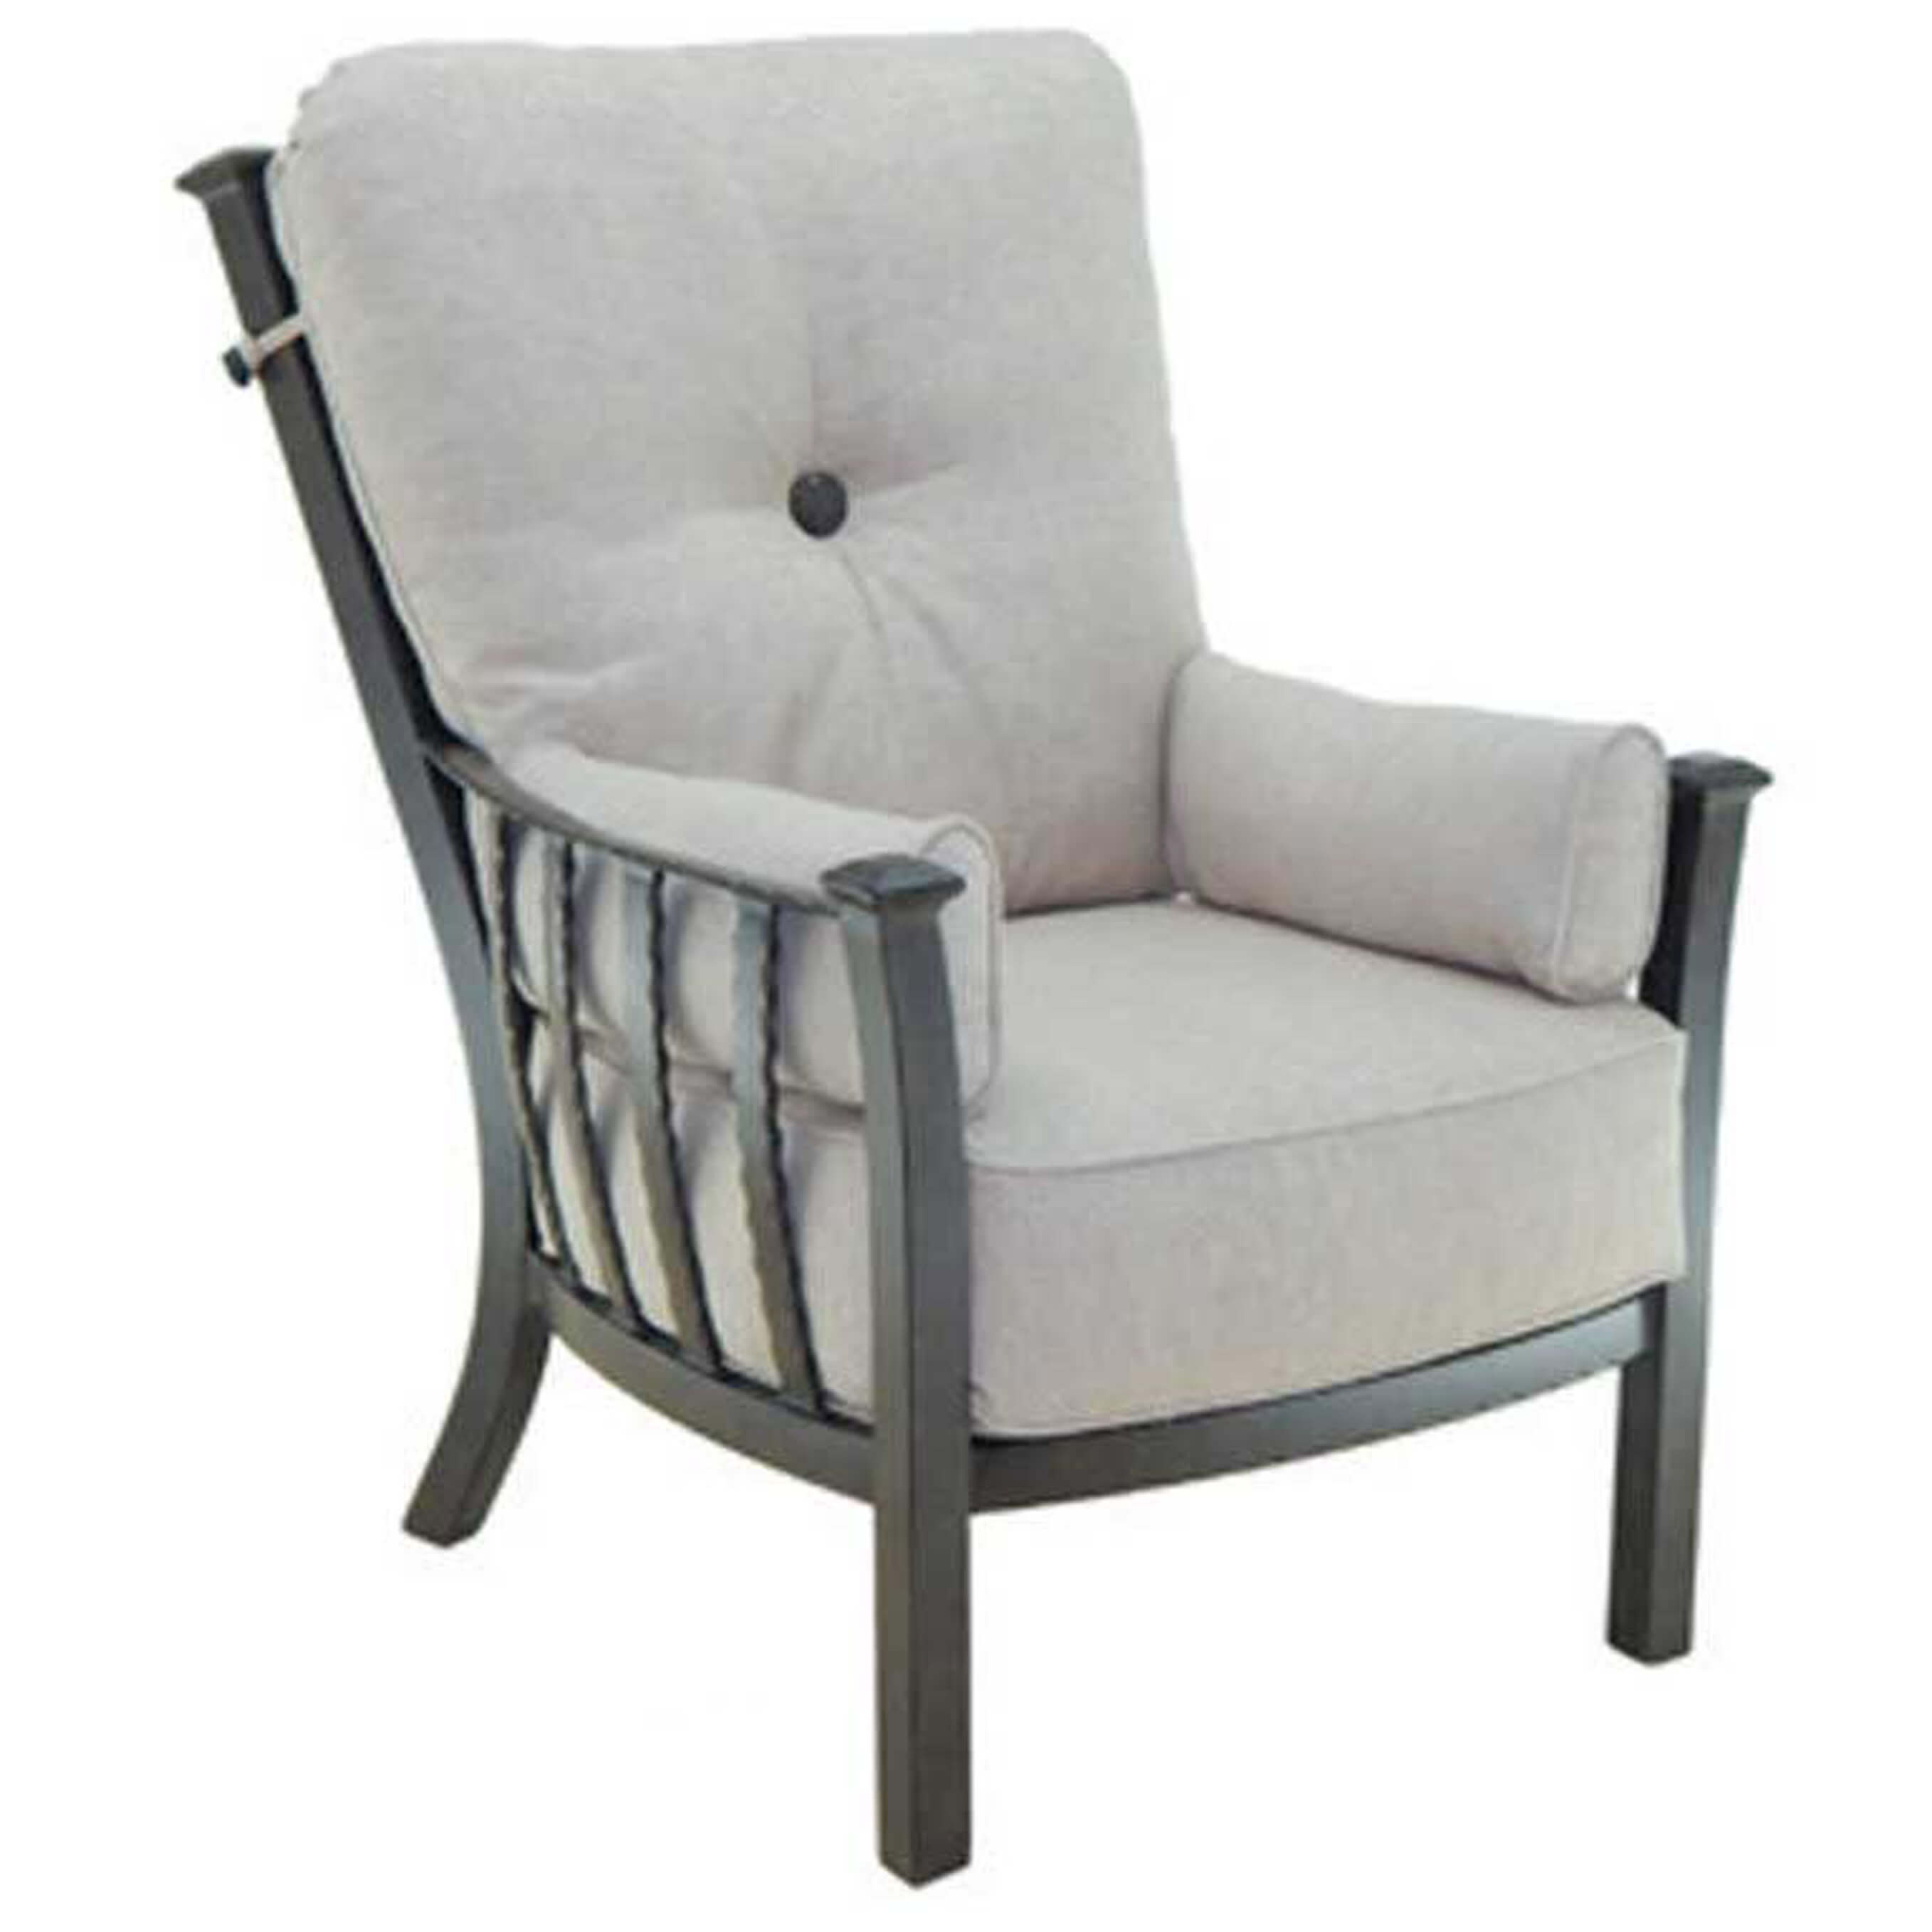 Santa Fe Cushion High Back Lounge Chair